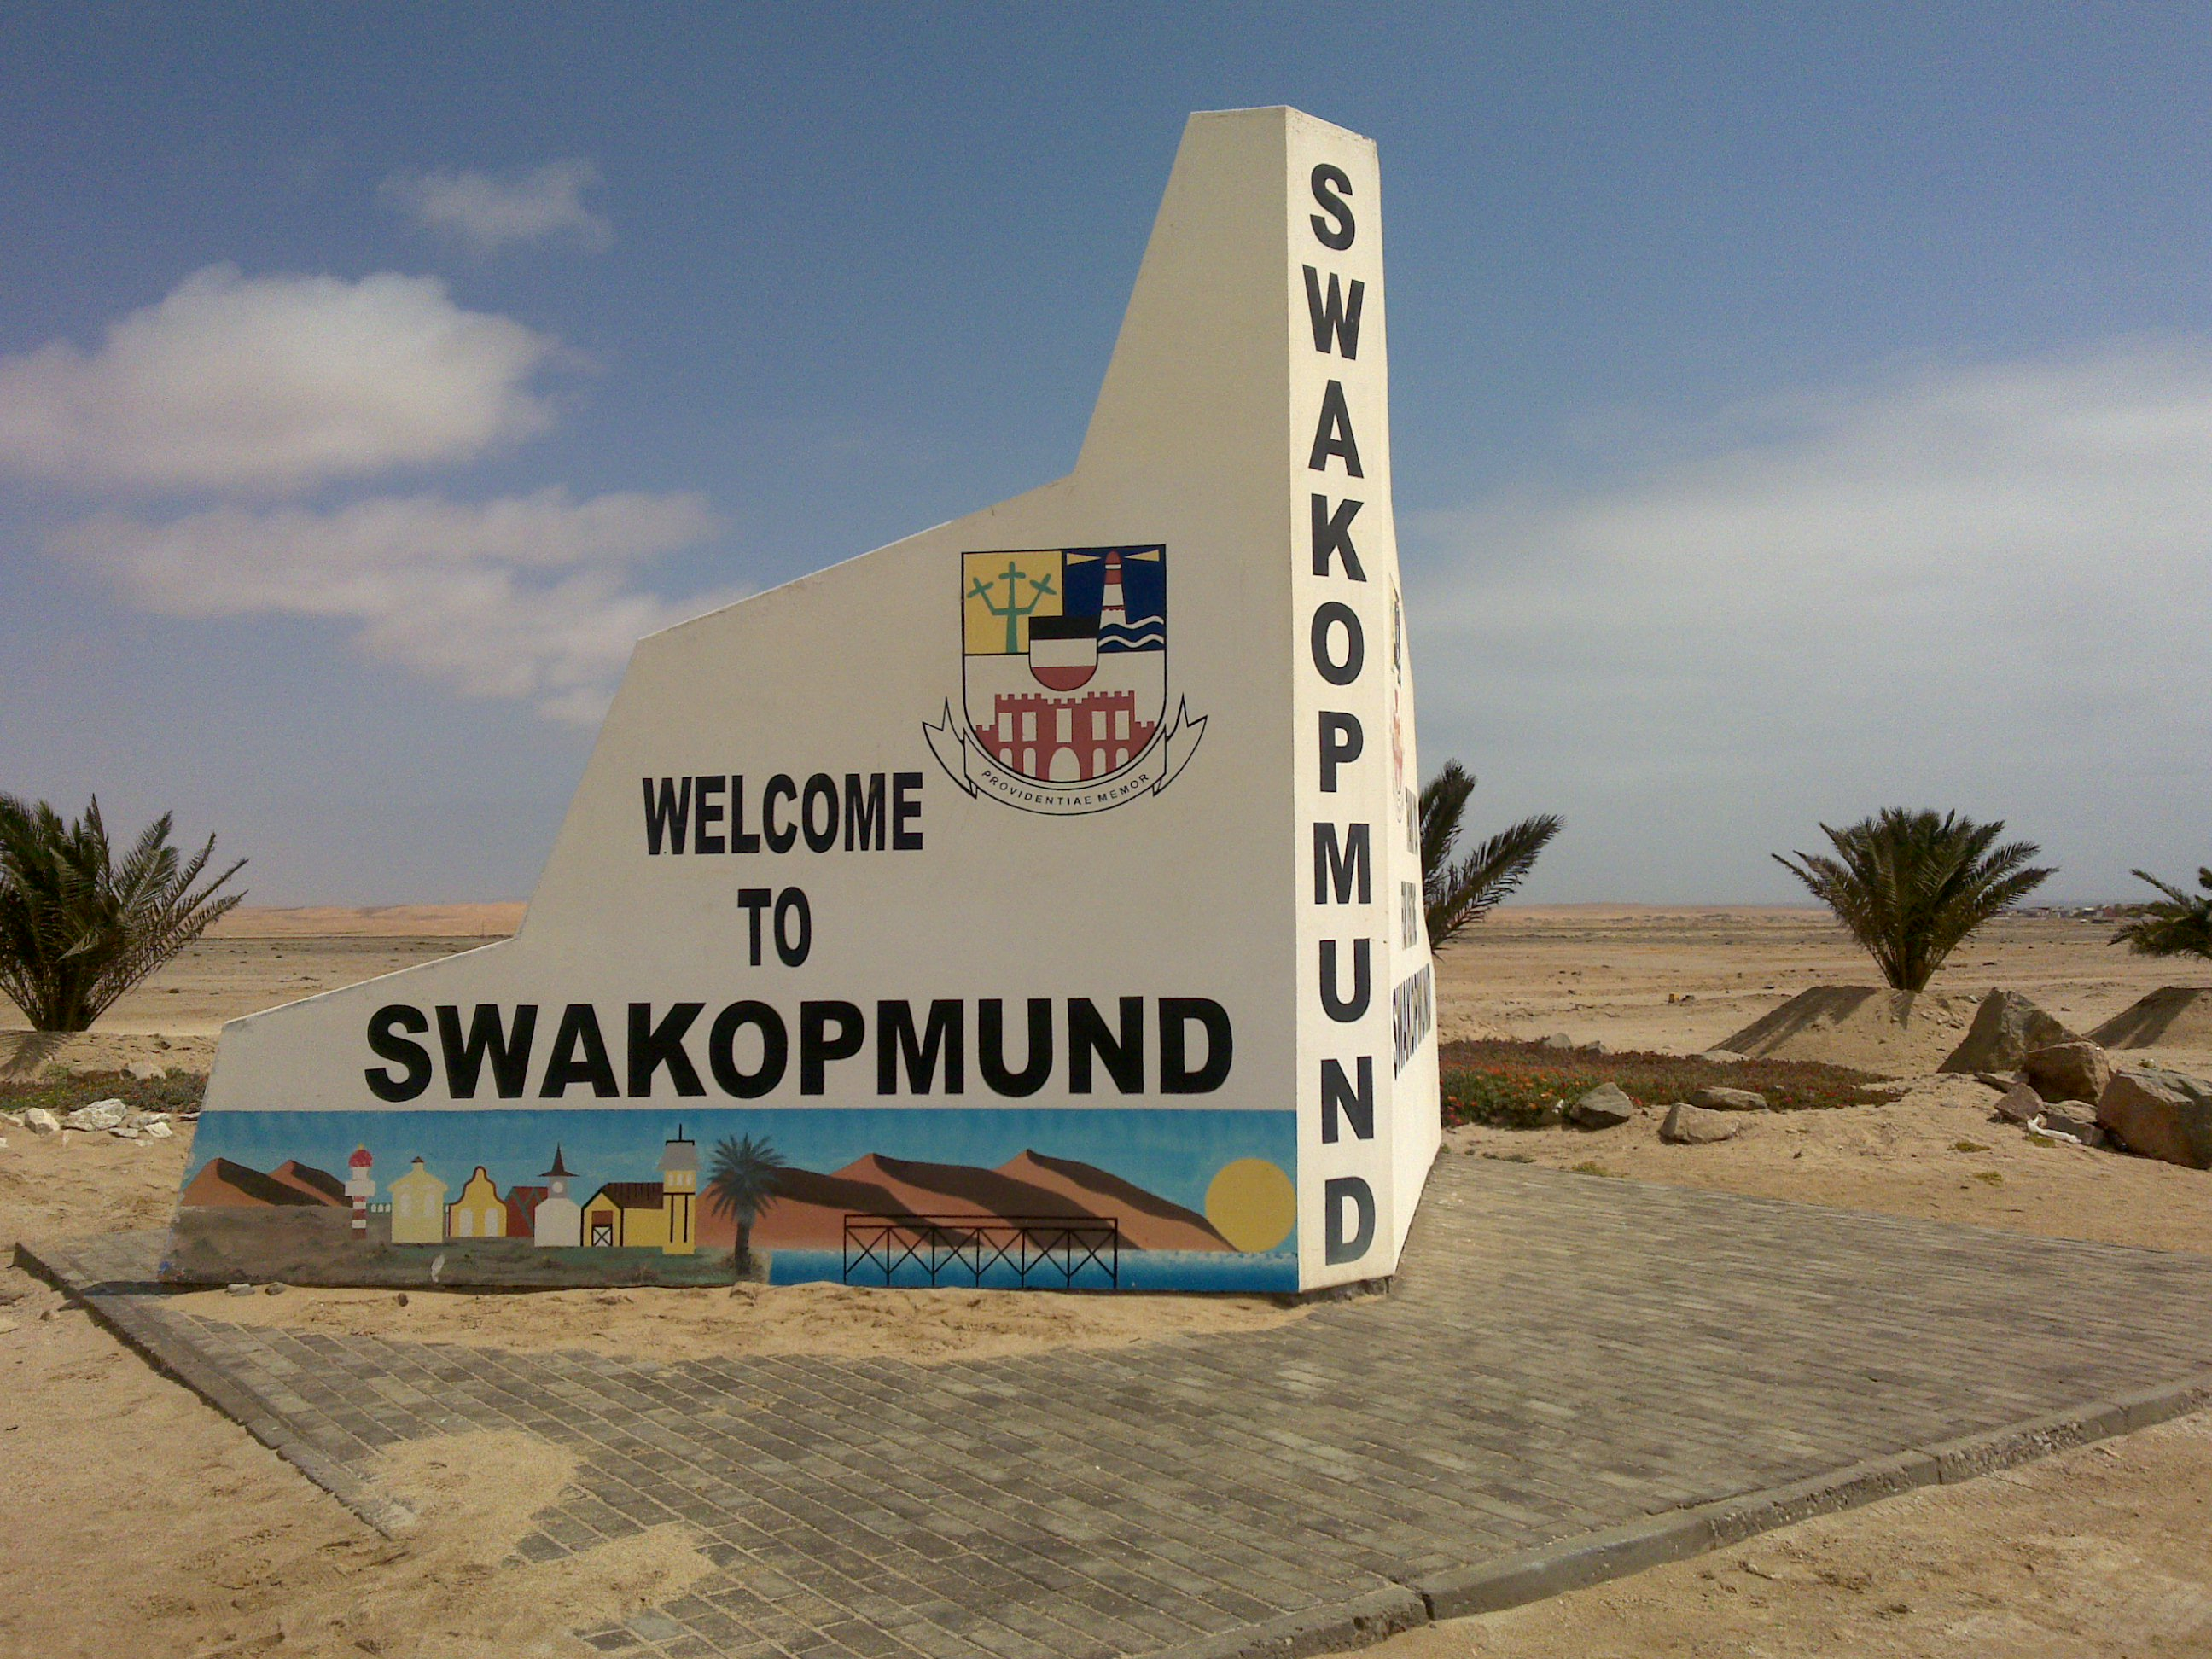 Swakopmund Namibia - hotelroomsearch.net